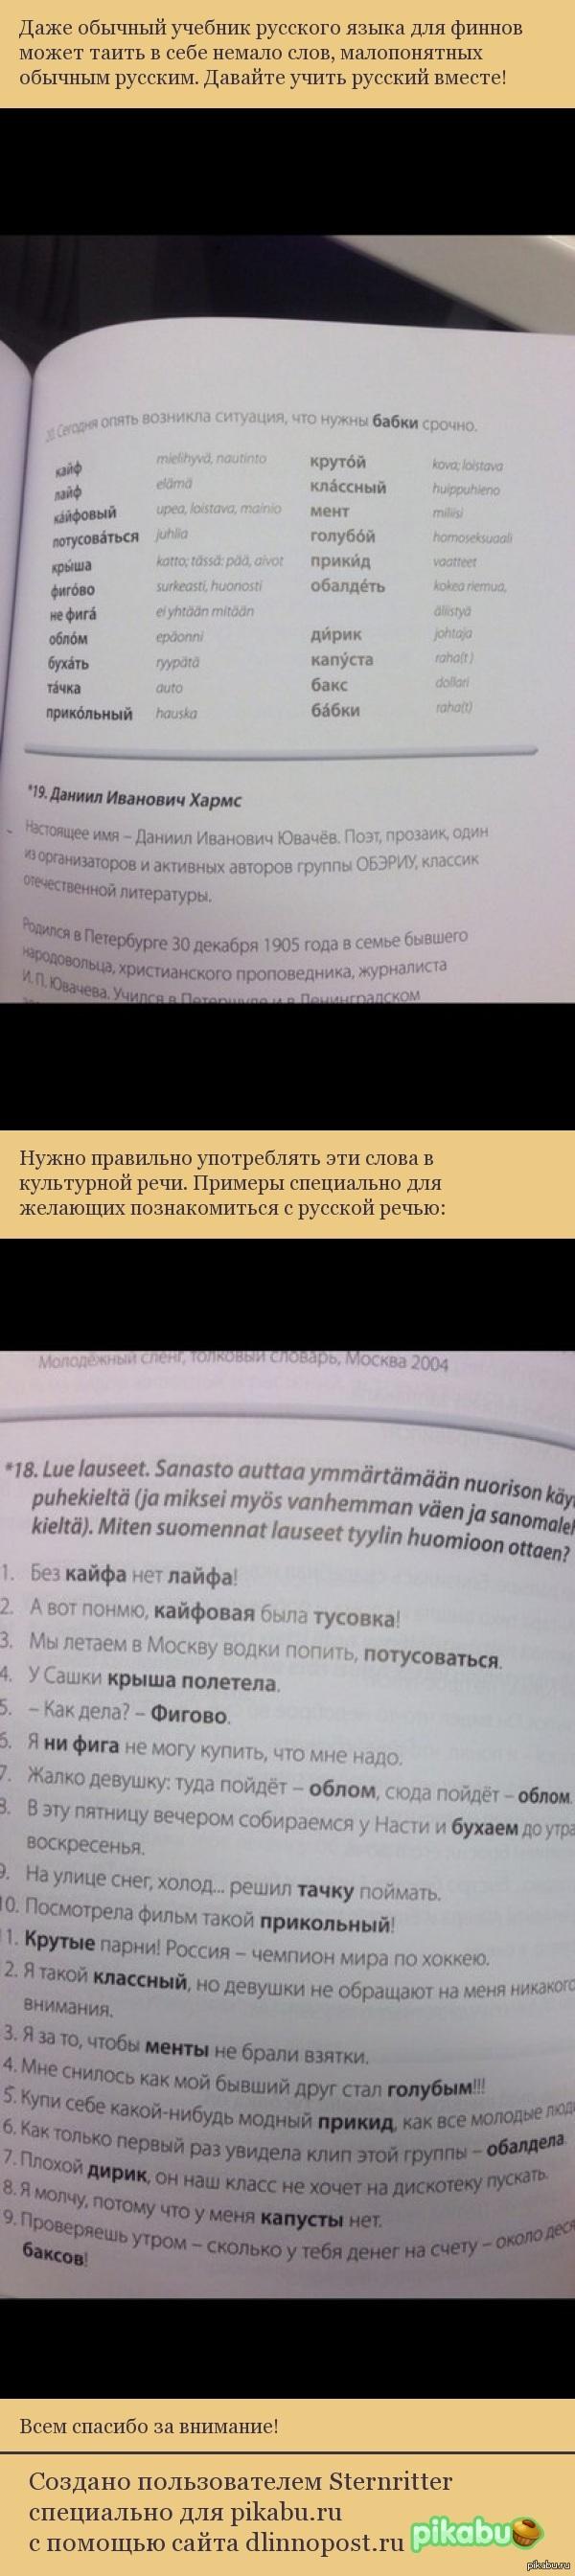 А знаешь ли ты русский язык? Теперь я знаю жизненно важные слова для жизни в России!